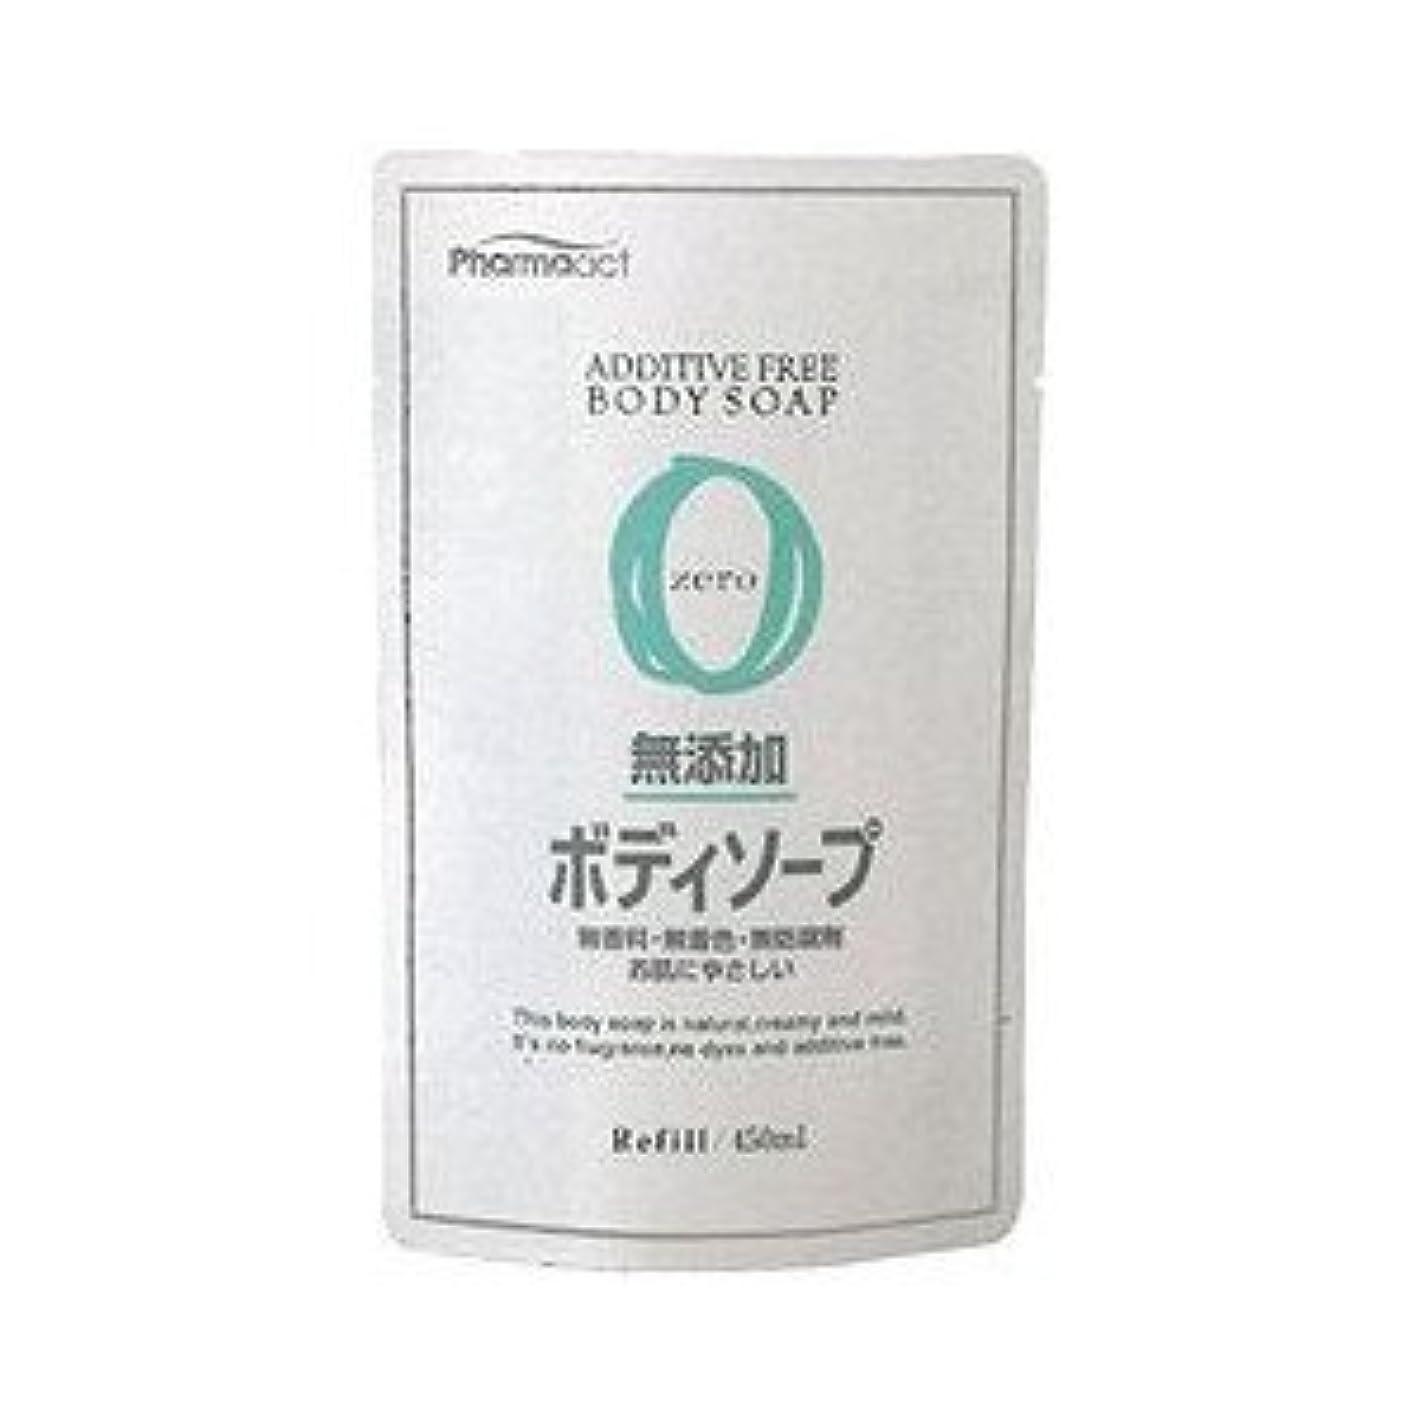 空港口述する抽象熊野油脂 ファーマアクト 無添加ボディソープ つめかえ用 450ml×24点セット  香料・着色料・防腐剤は使用しておりません